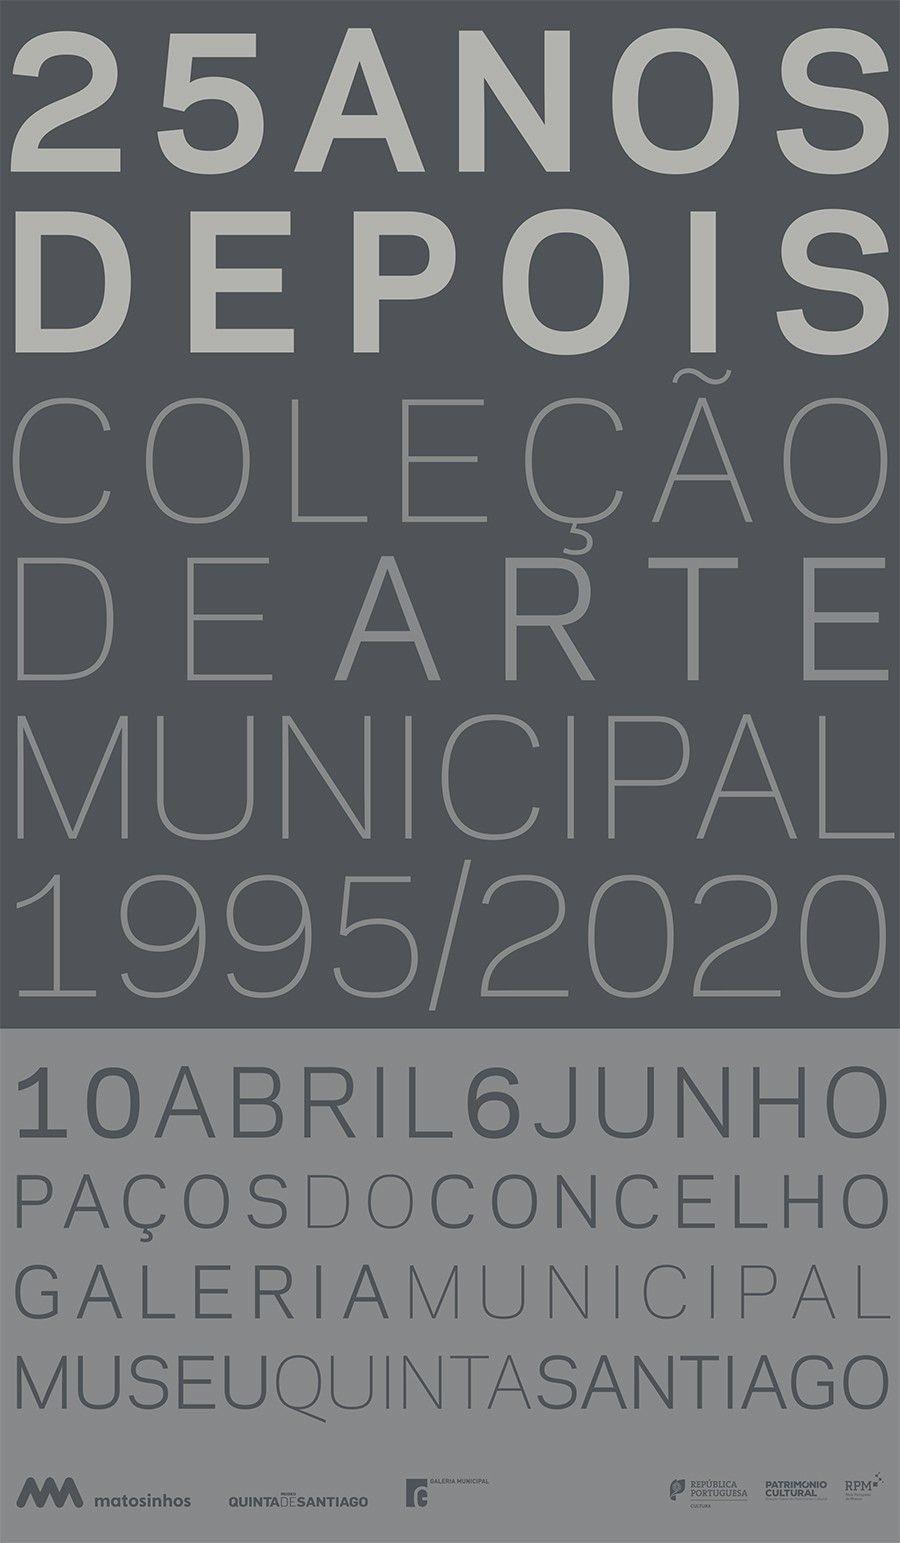 25 Anos Depois - Coleção de Arte Municipal 1995/2020